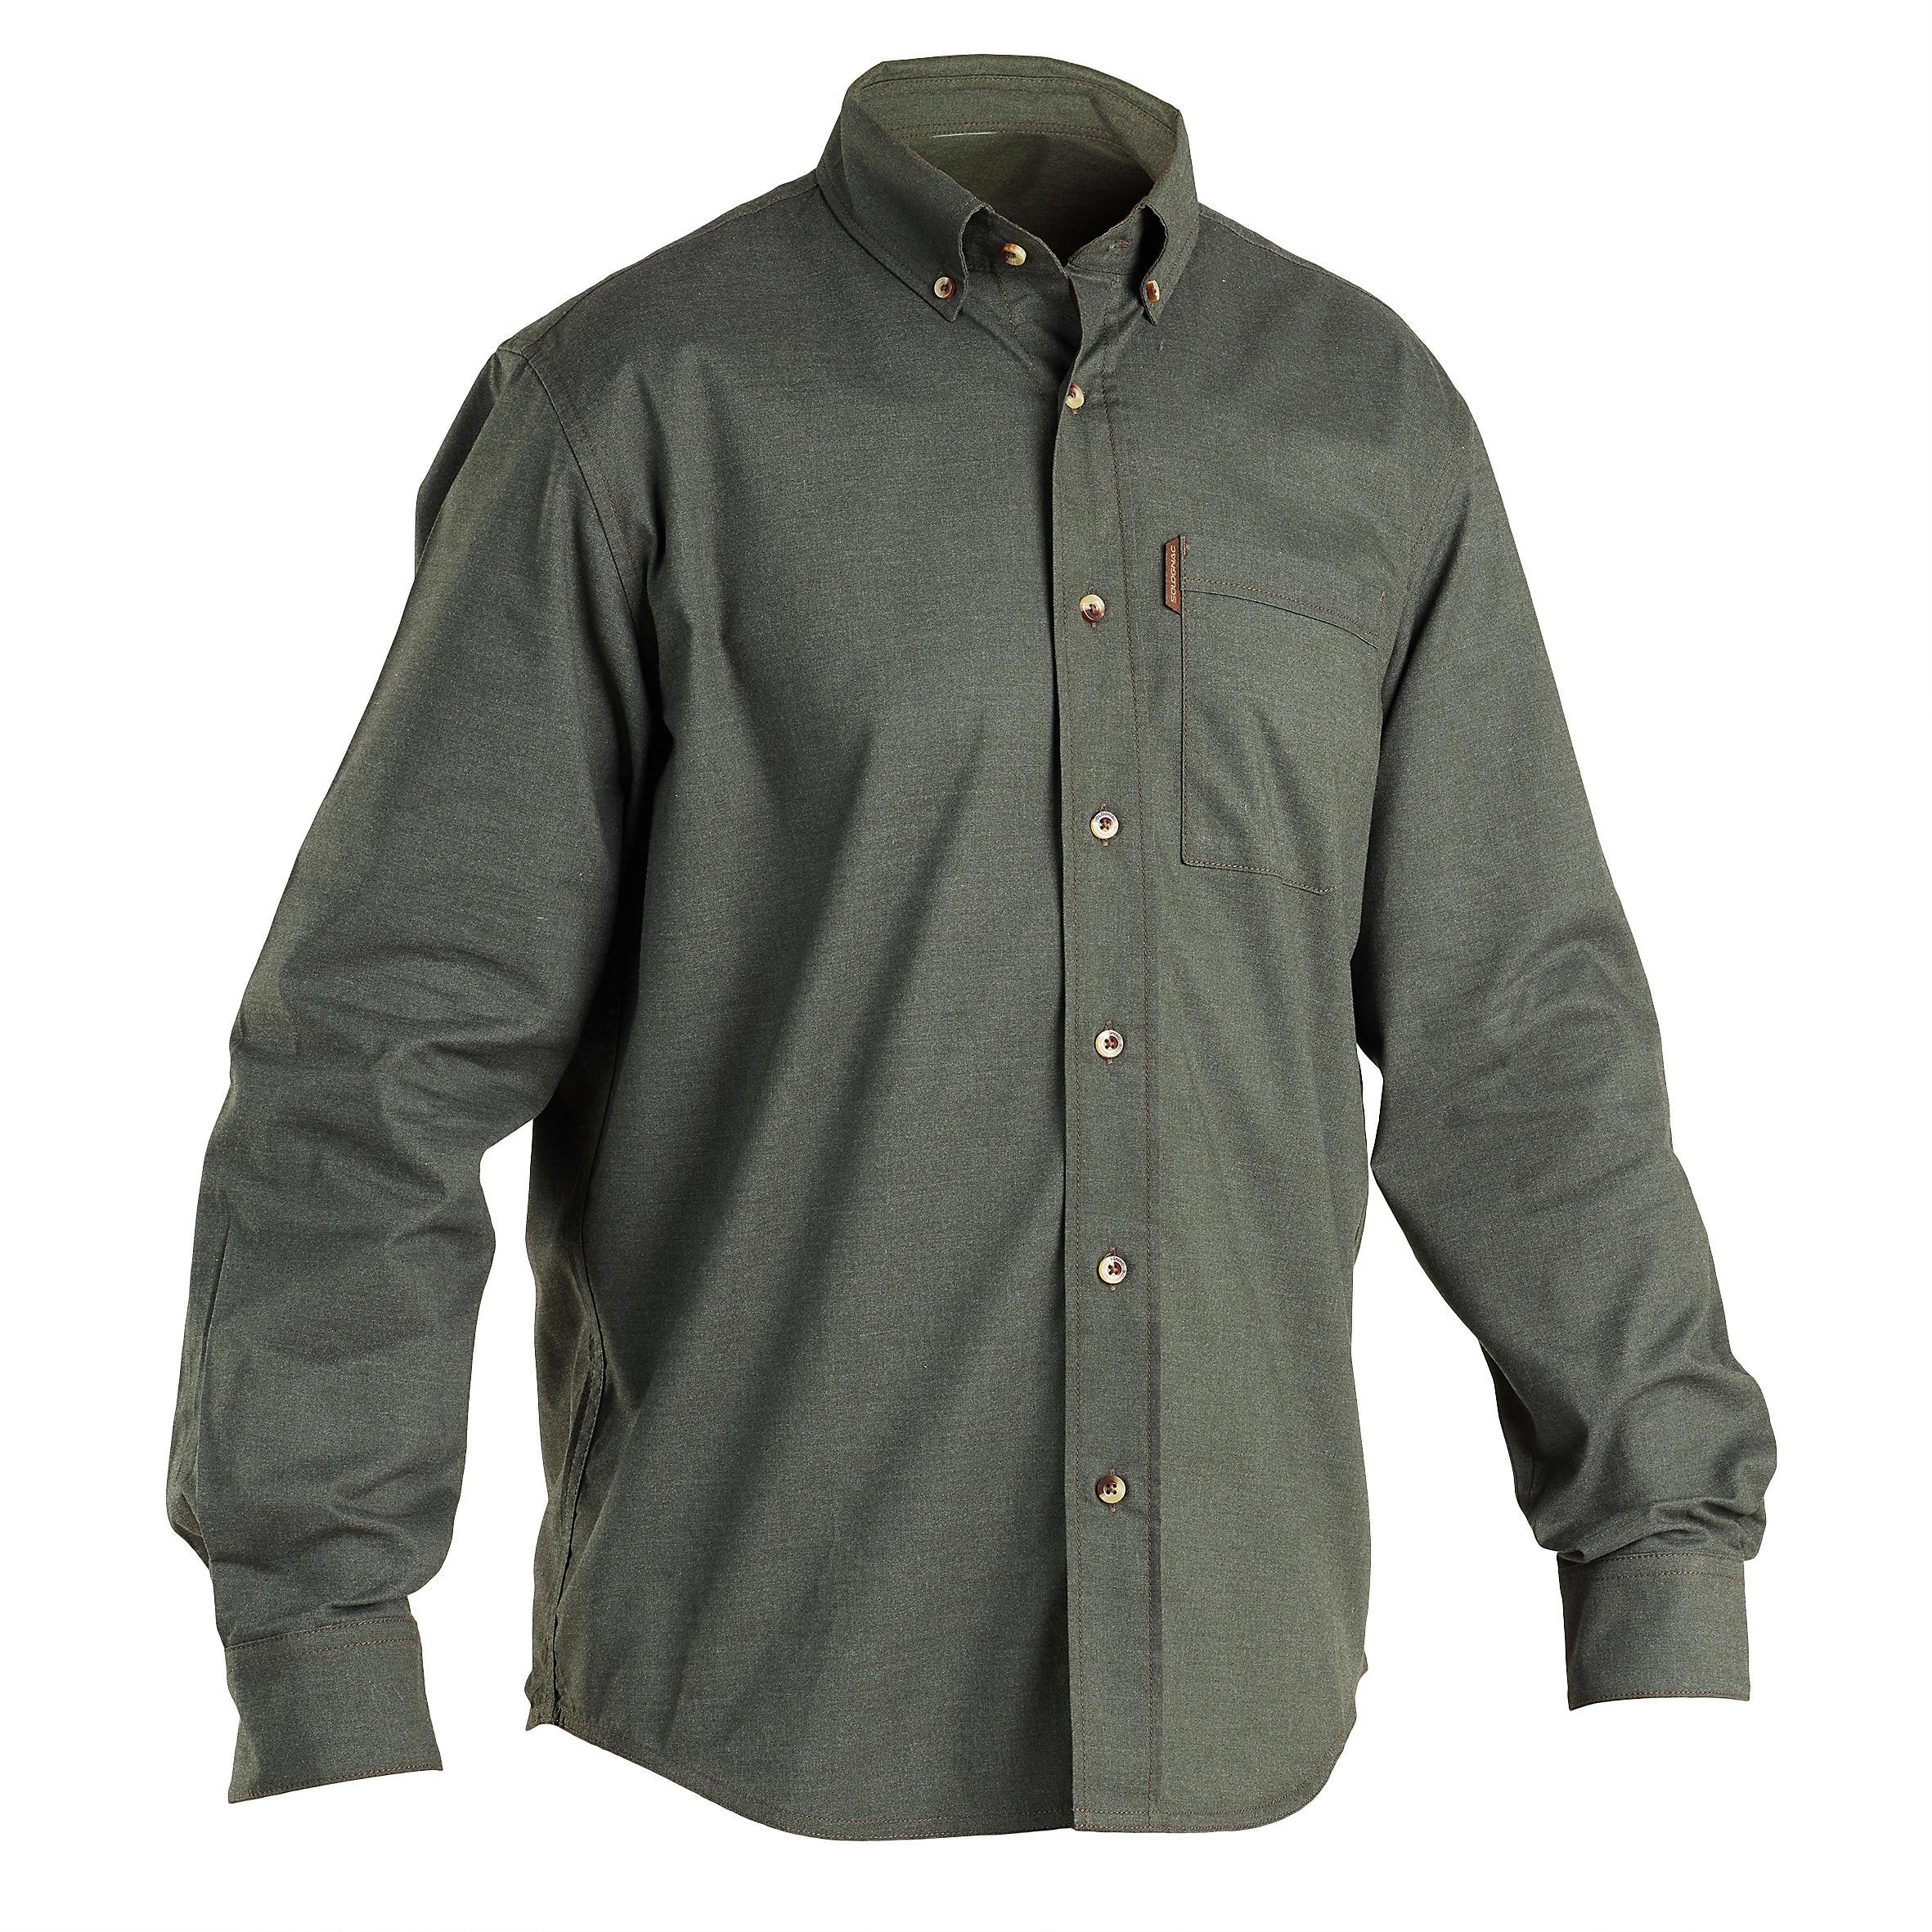 0f1f4635e504 Comprar Camisetas y Camisas de Caza online | Decathlon